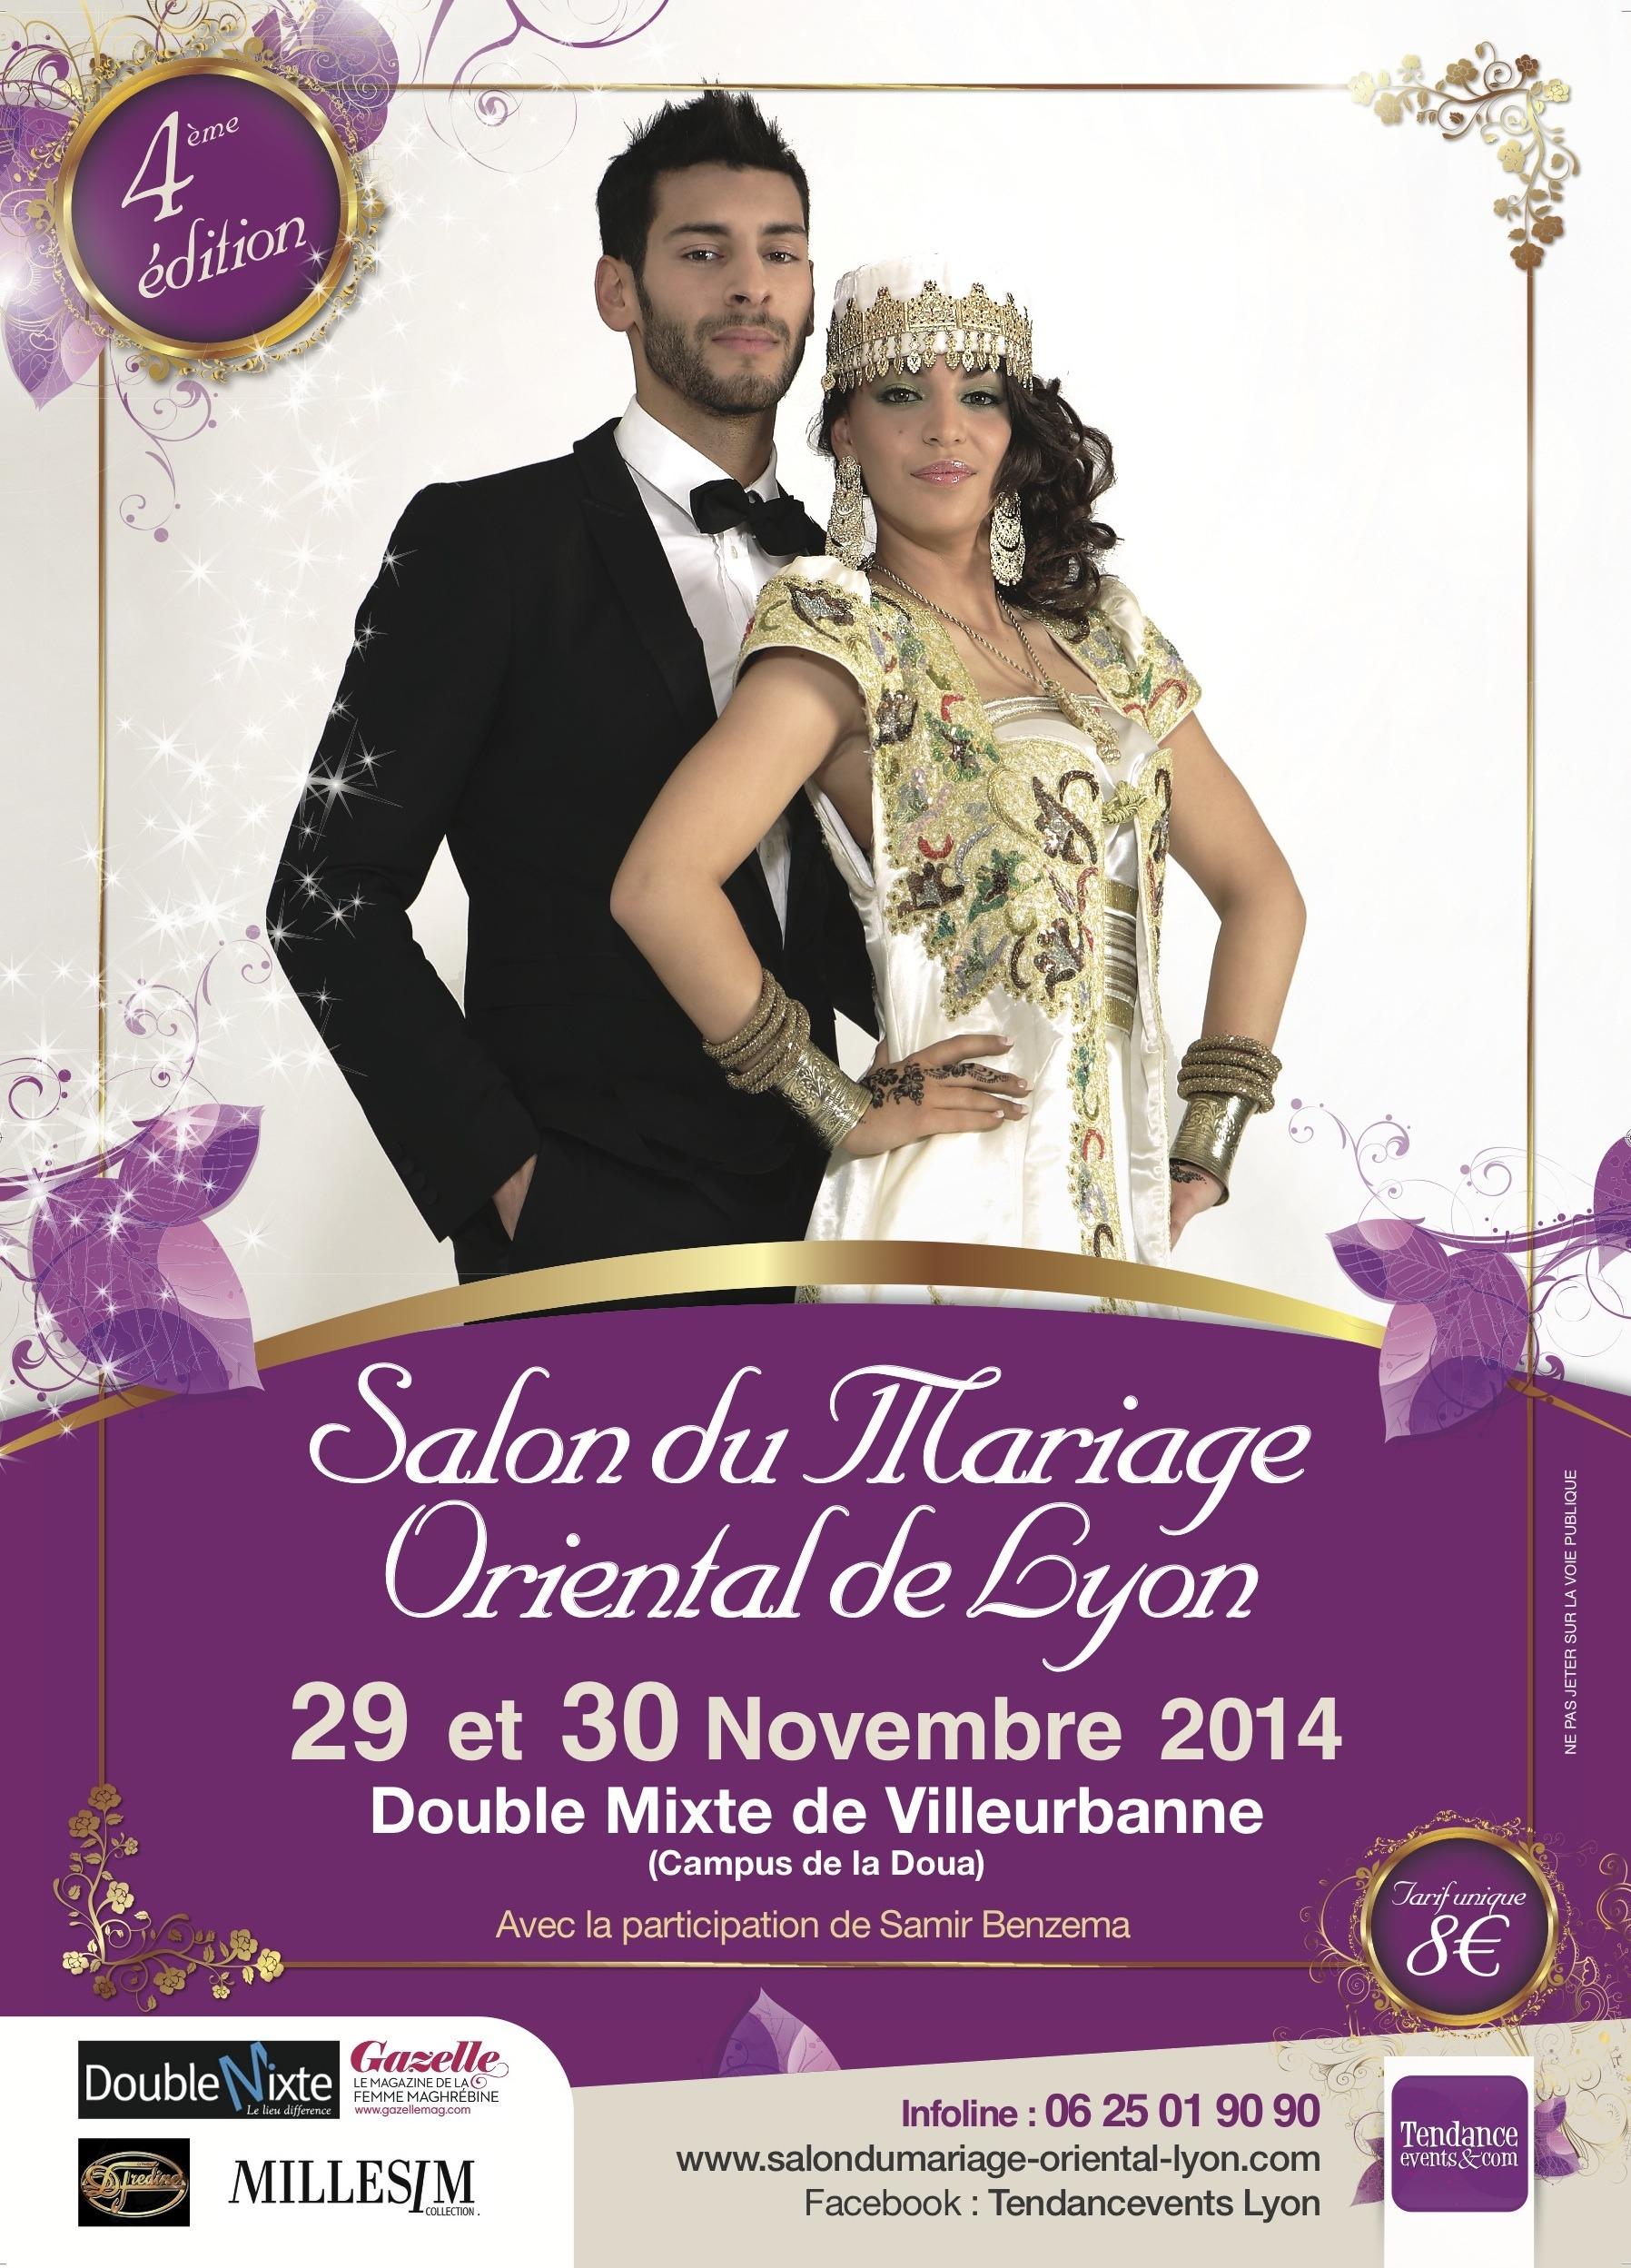 Salon du mariage oriental for Salon du mariage cherbourg